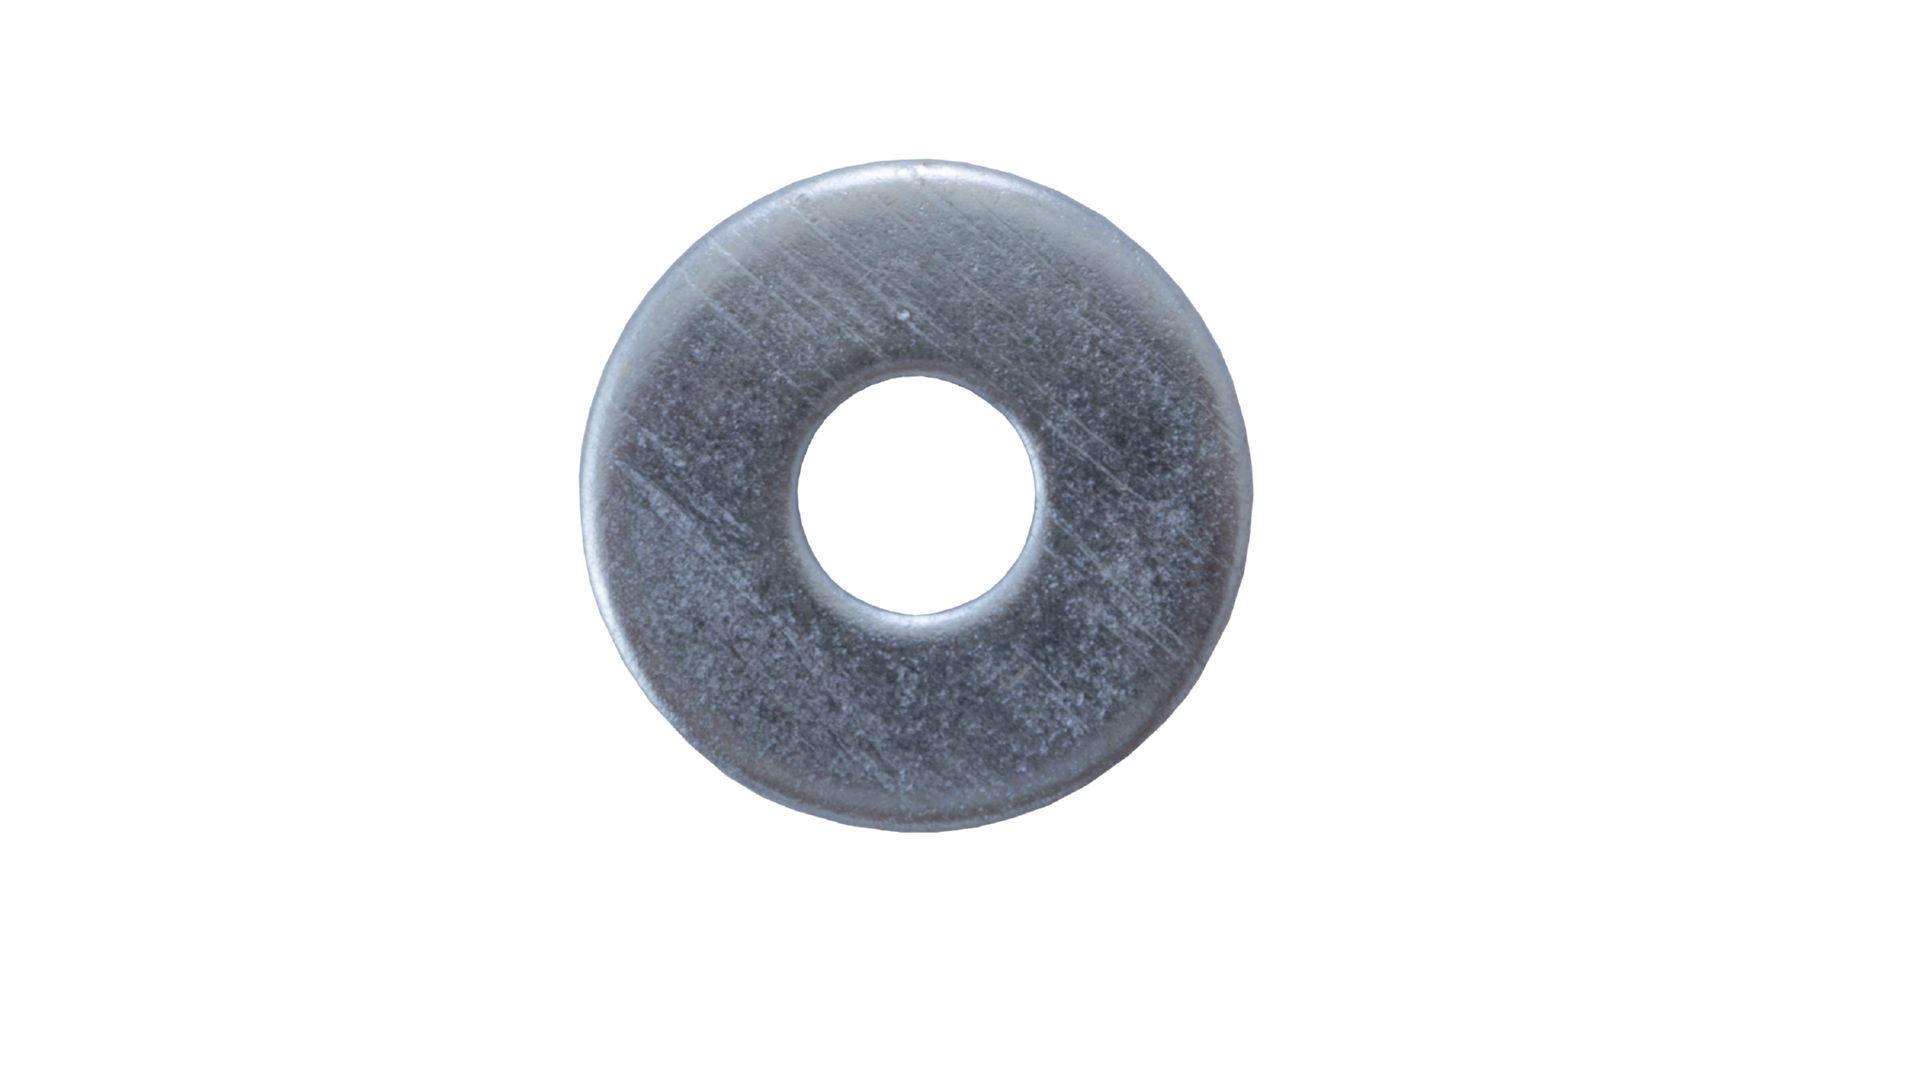 Шайба плоская увеличенная Apro - М10 DIN 9021 (25 шт.) 3